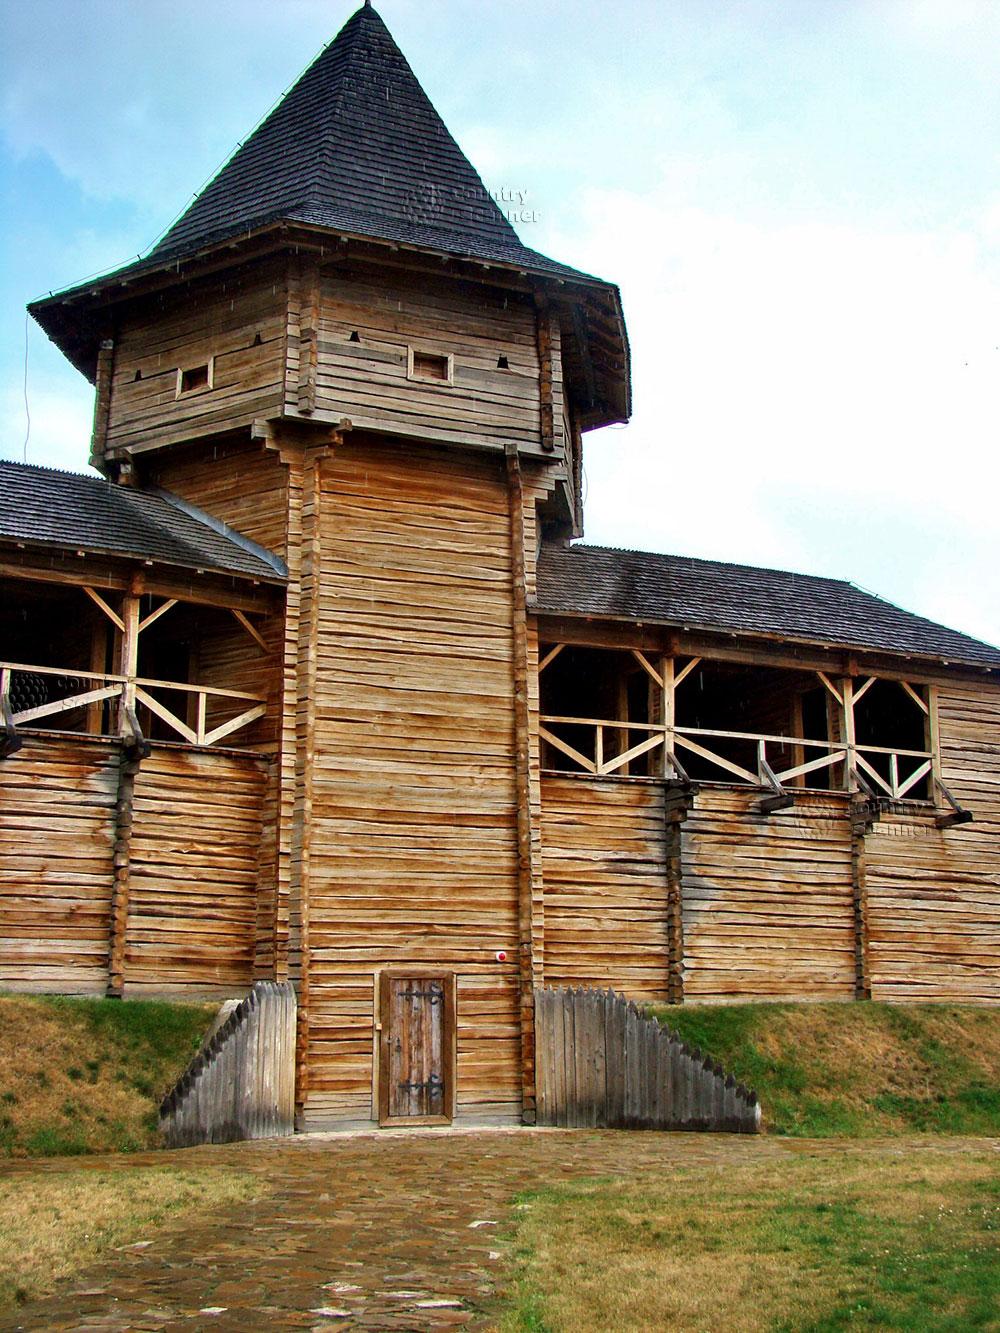 Литовский замок в Батурине. Центральная башня со смотровой площадкой.